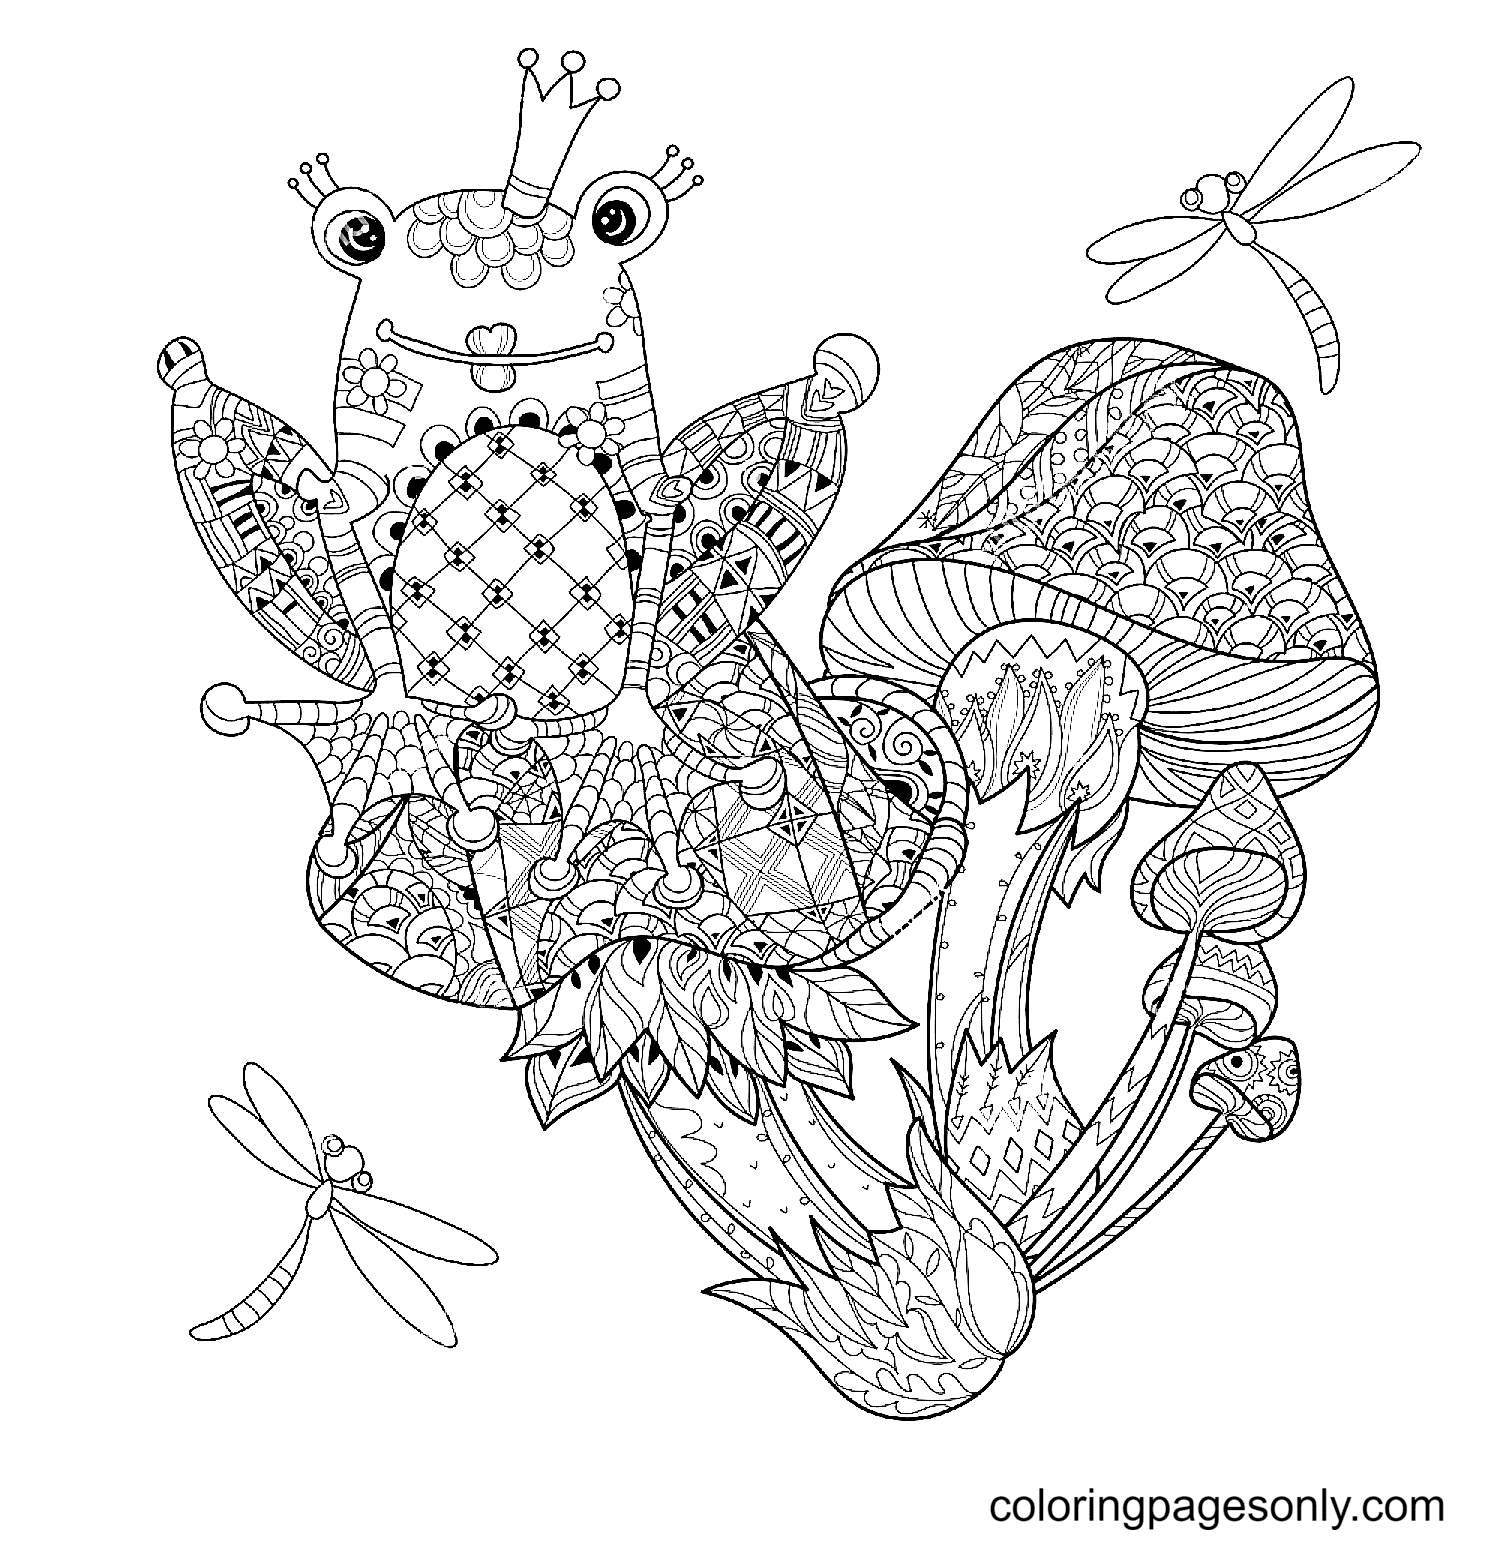 Mushrooms and Frog Princess Coloring Page